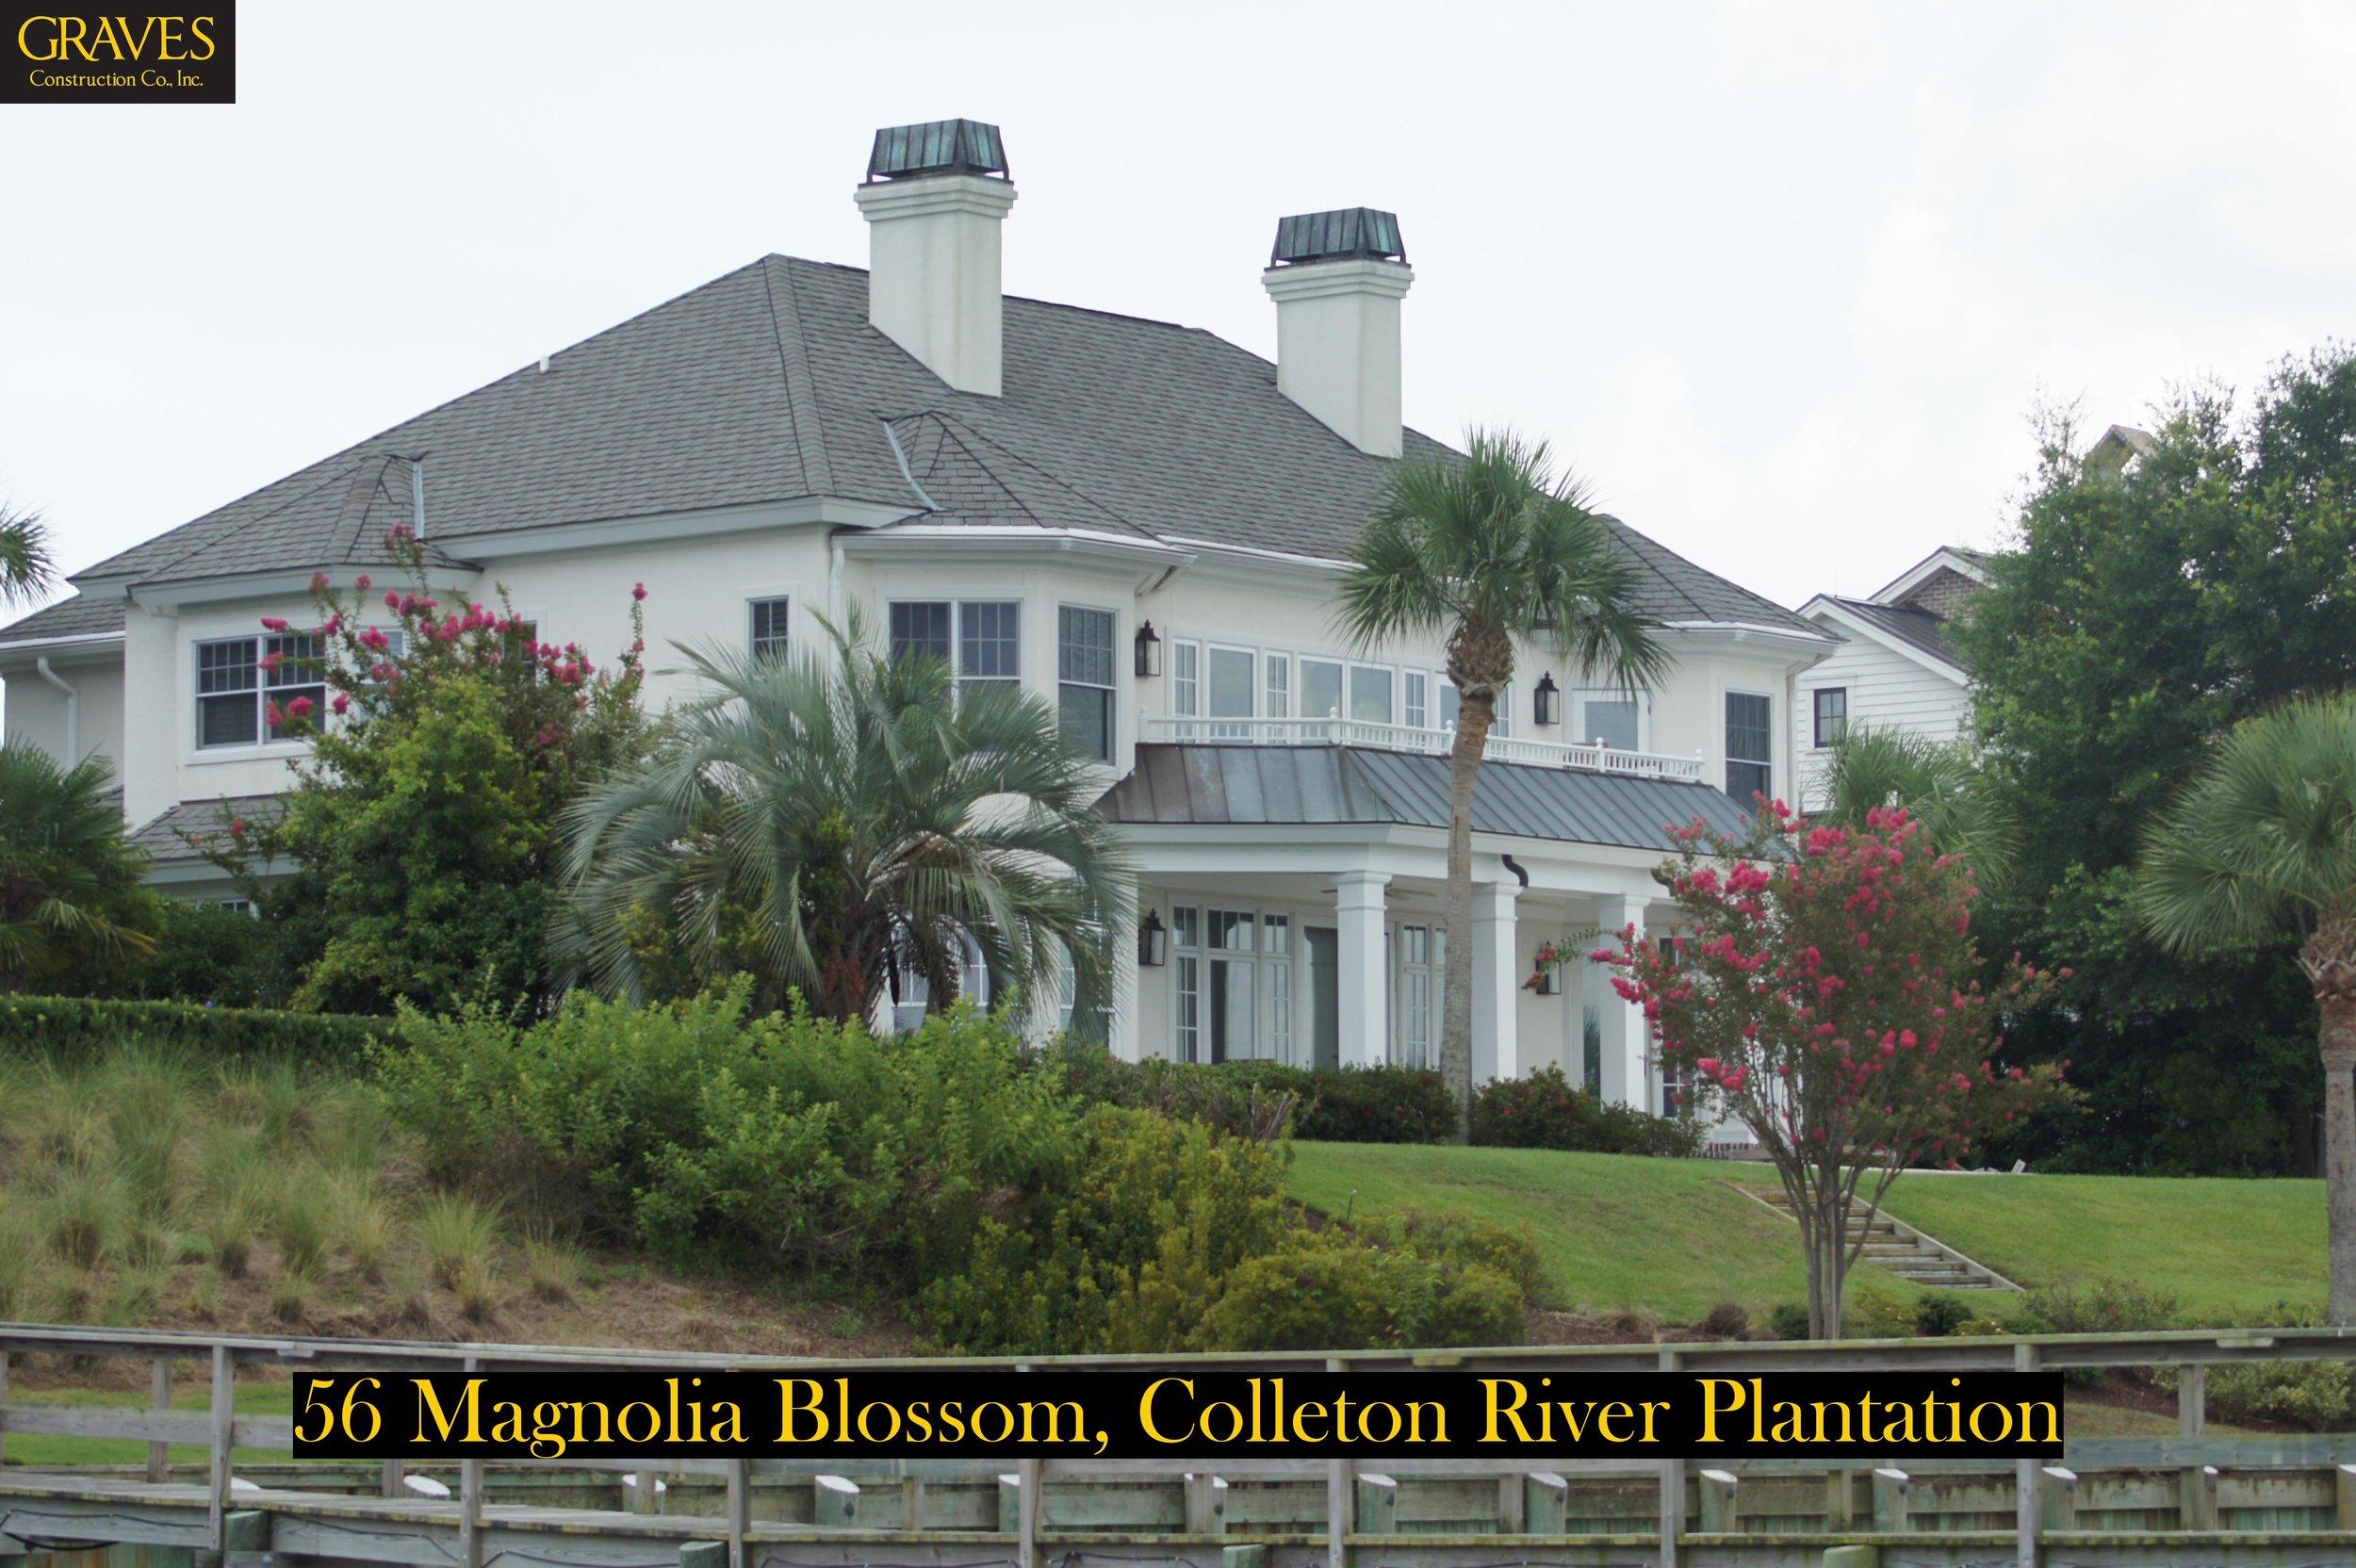 56 Magnolia Blossom - 5